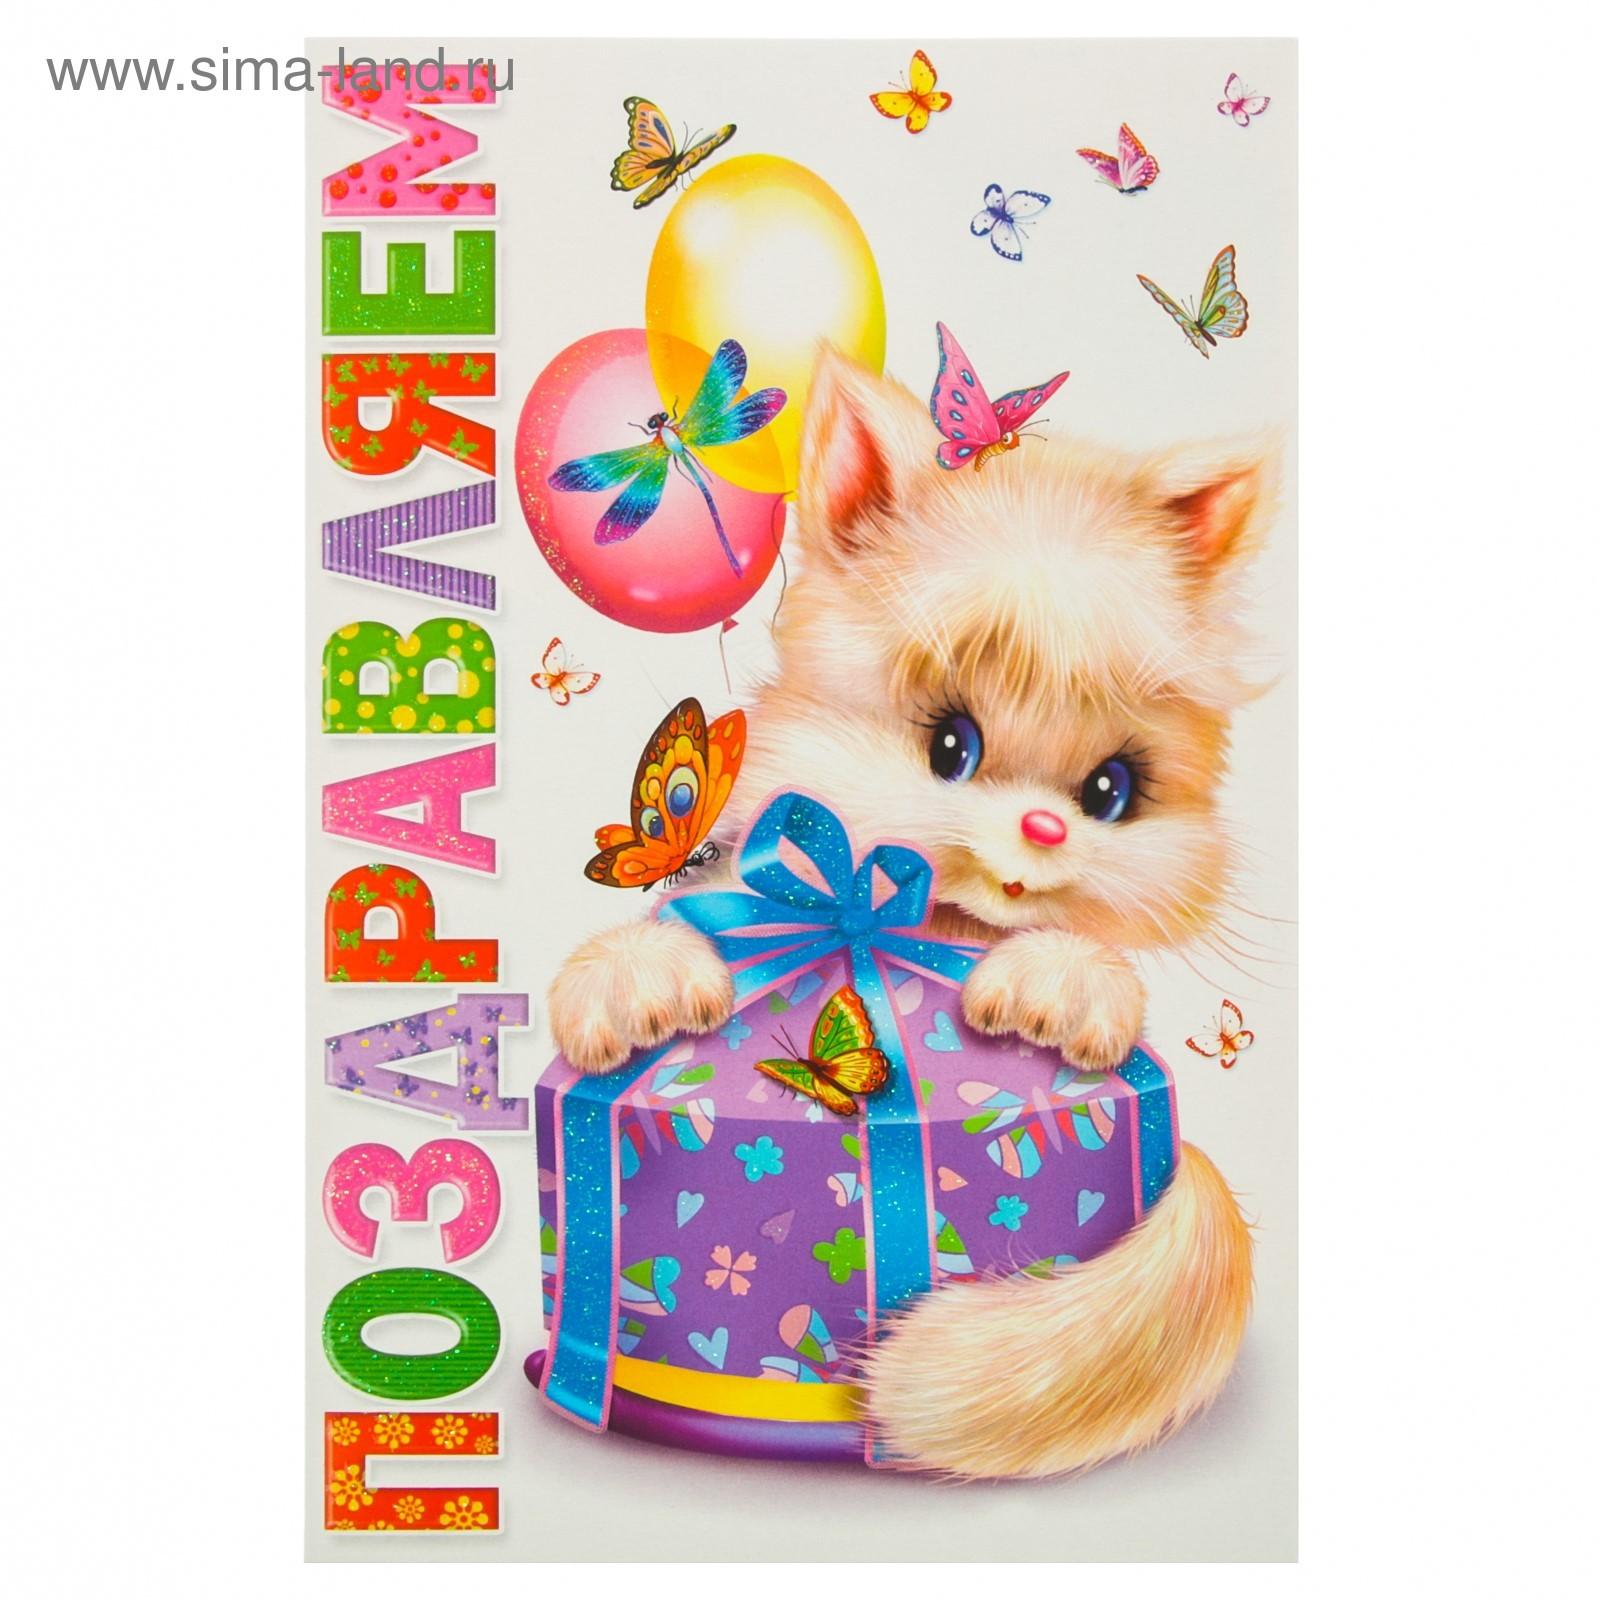 Картинки текстом, поздравление с 11 месяцами ребенка картинки